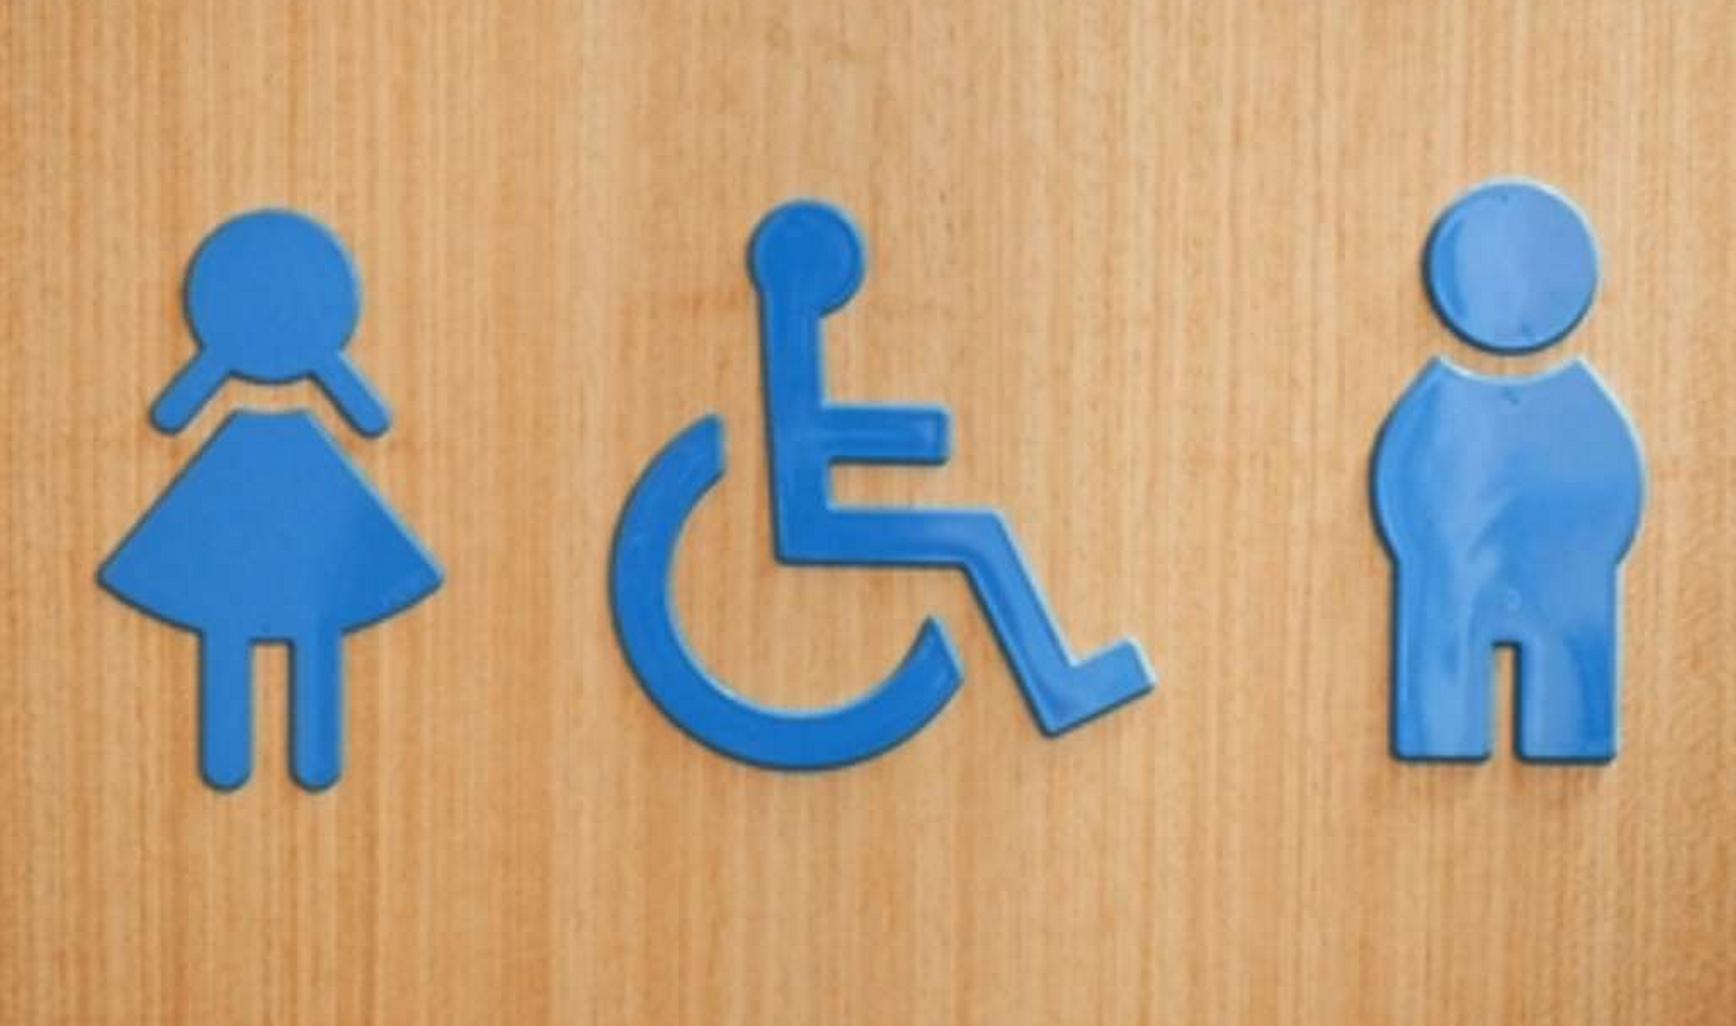 Les magasins devront offrir des toilettes